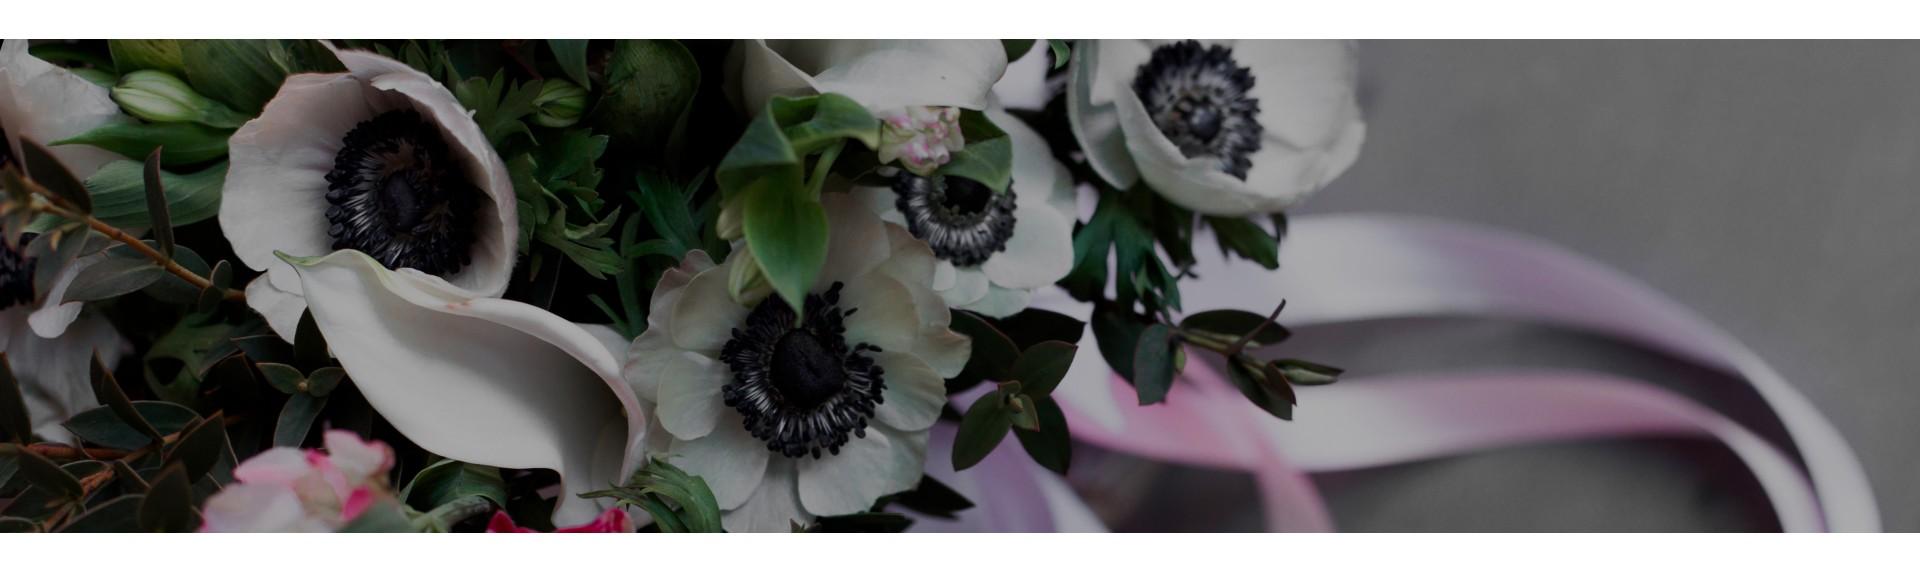 Цветы других видов